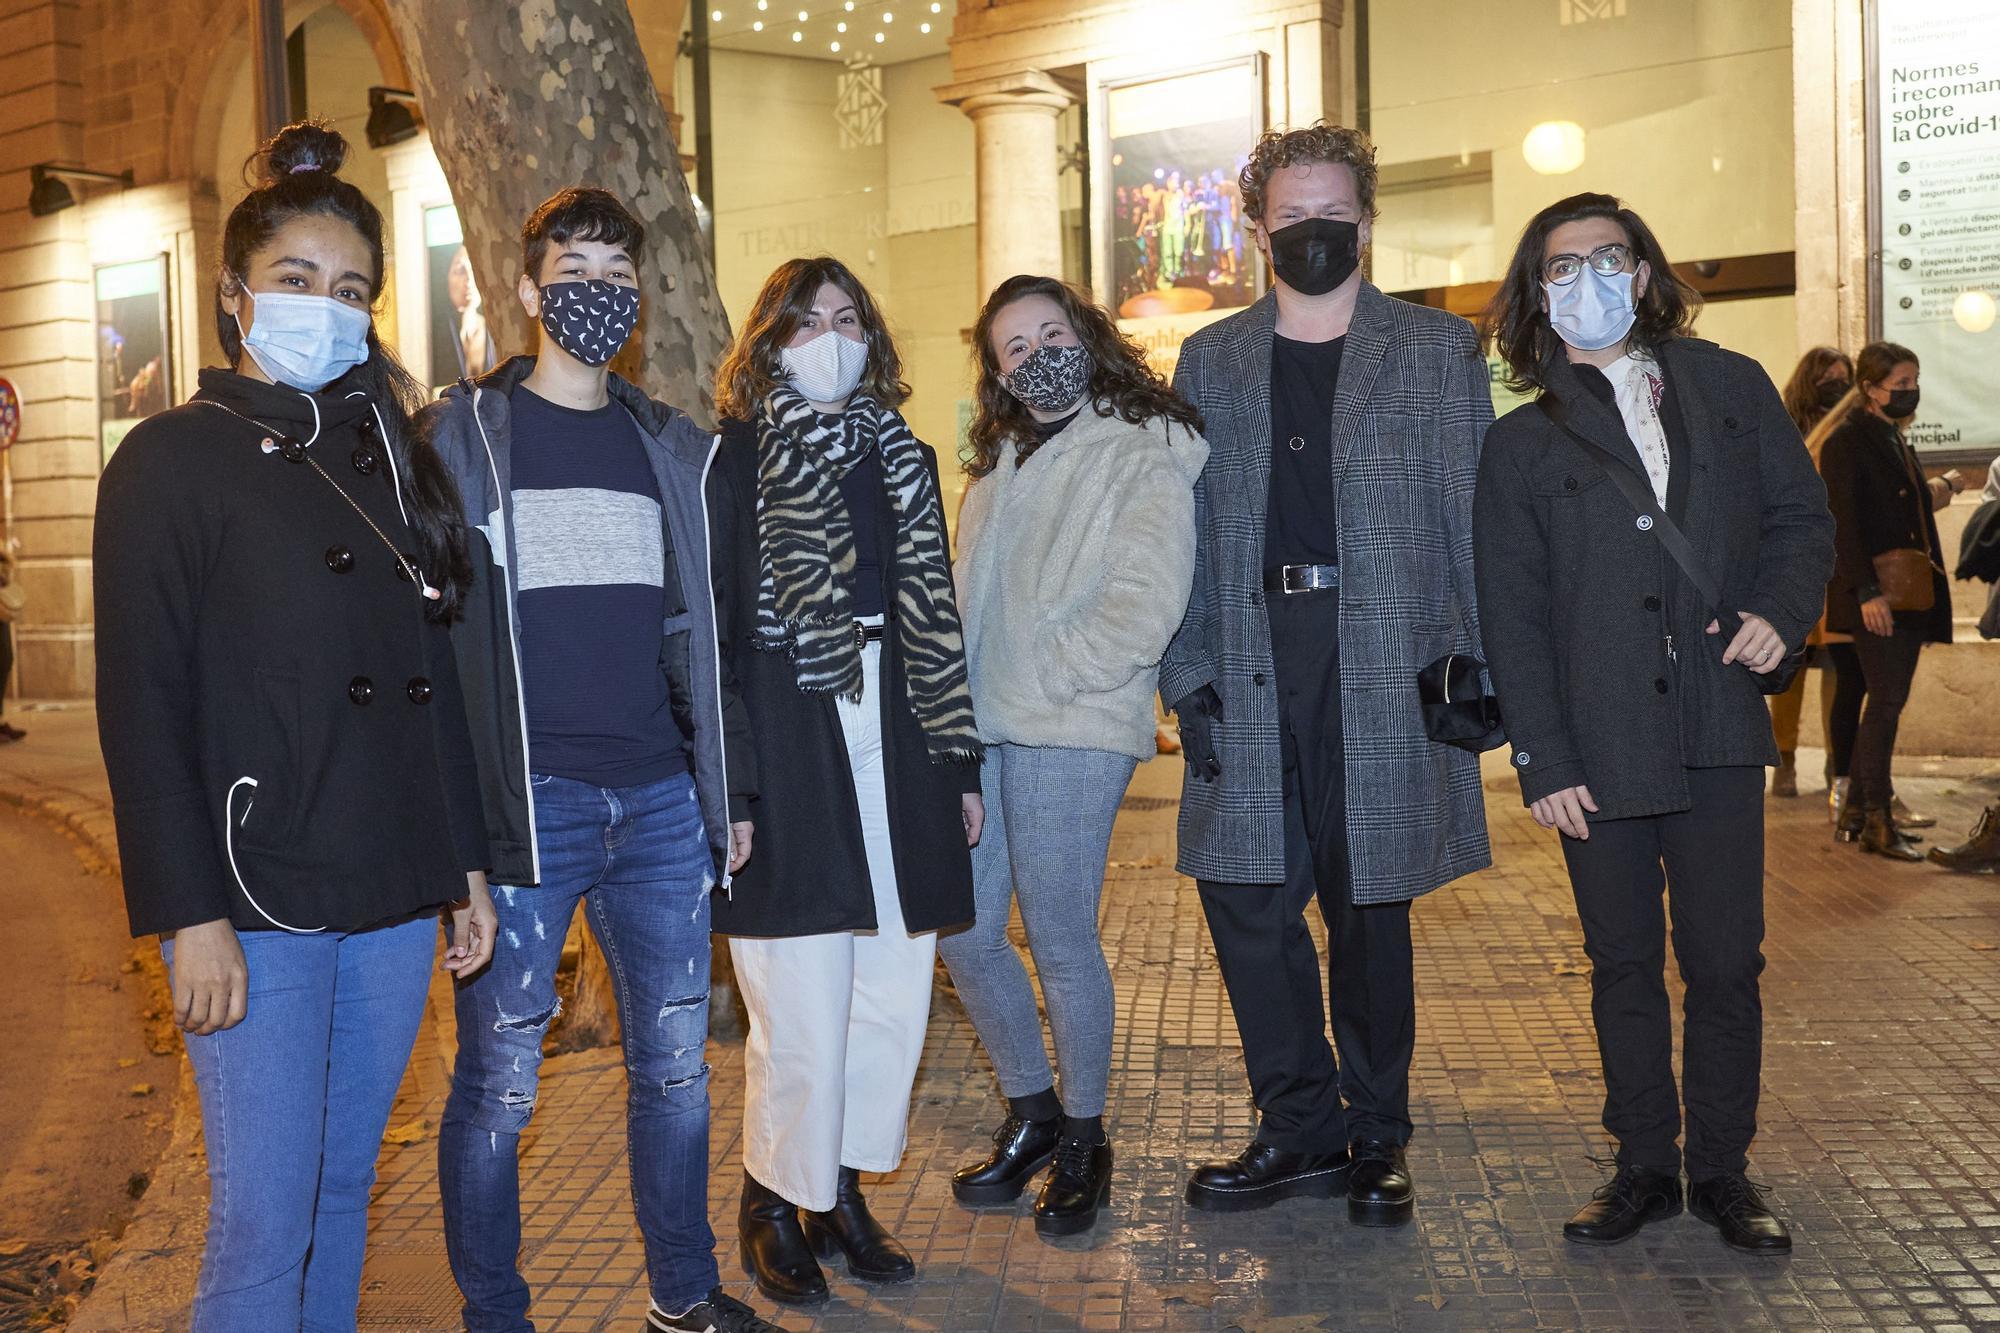 Lina Quiroga, Marc Torres, Marina Caballero, Andrea López, Miquel Villalonga y Tofol Cladera.